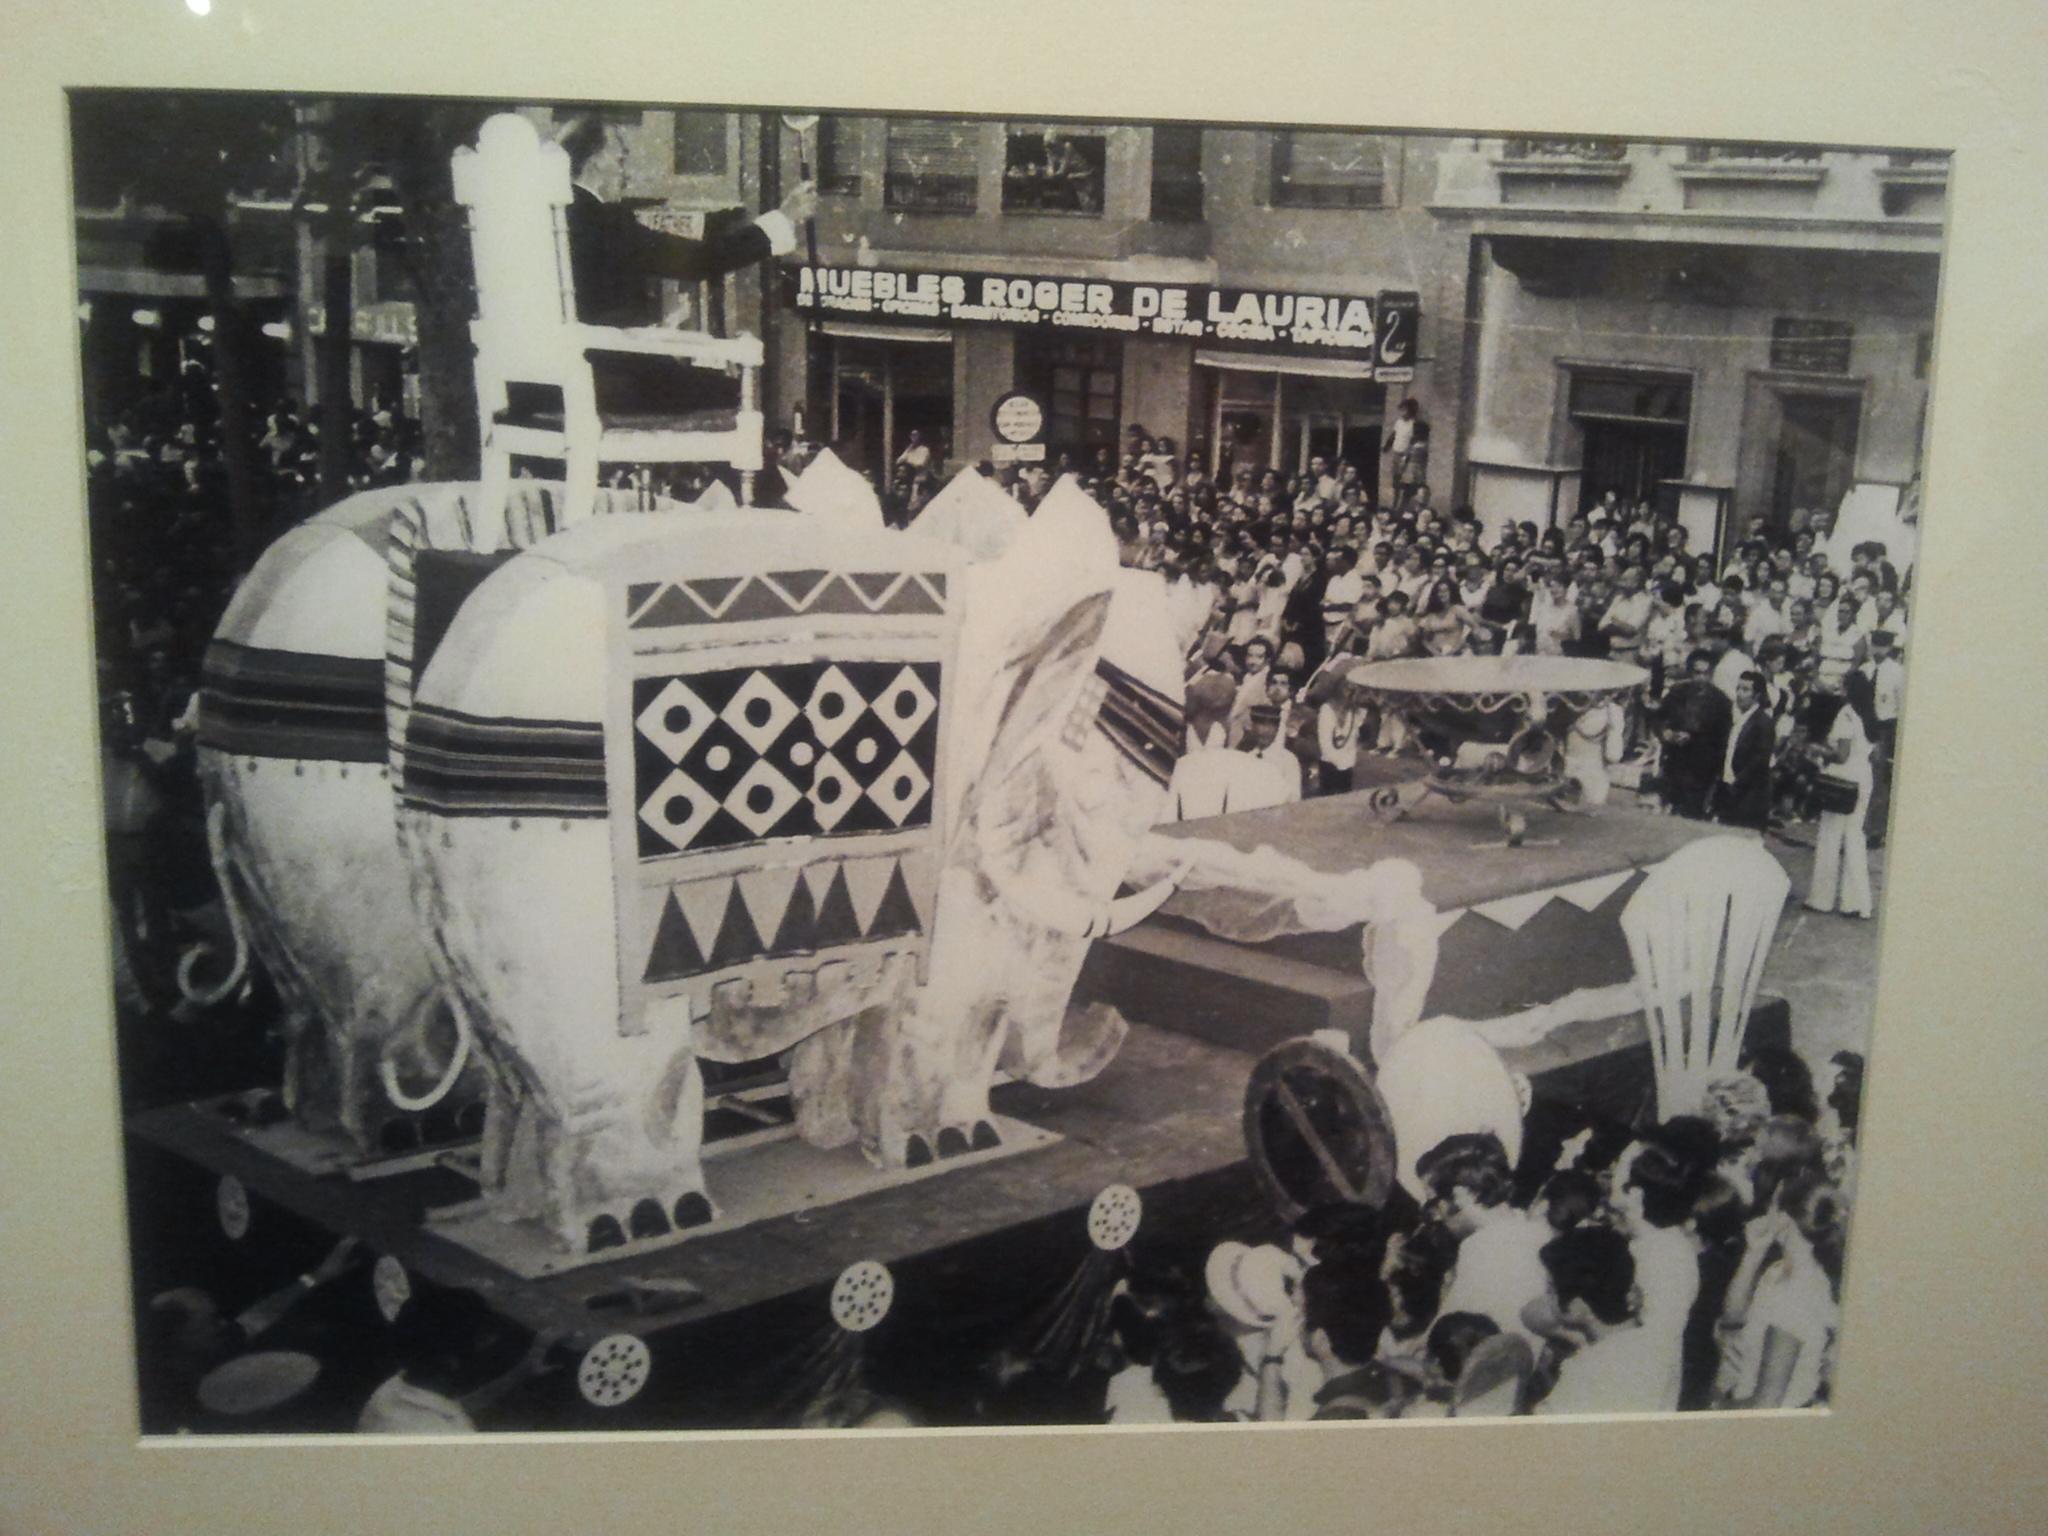 Salvador Dalí va recórrer els carrers del centre de Tarragona des de dalt d'una carrossa amb forma d'elefant